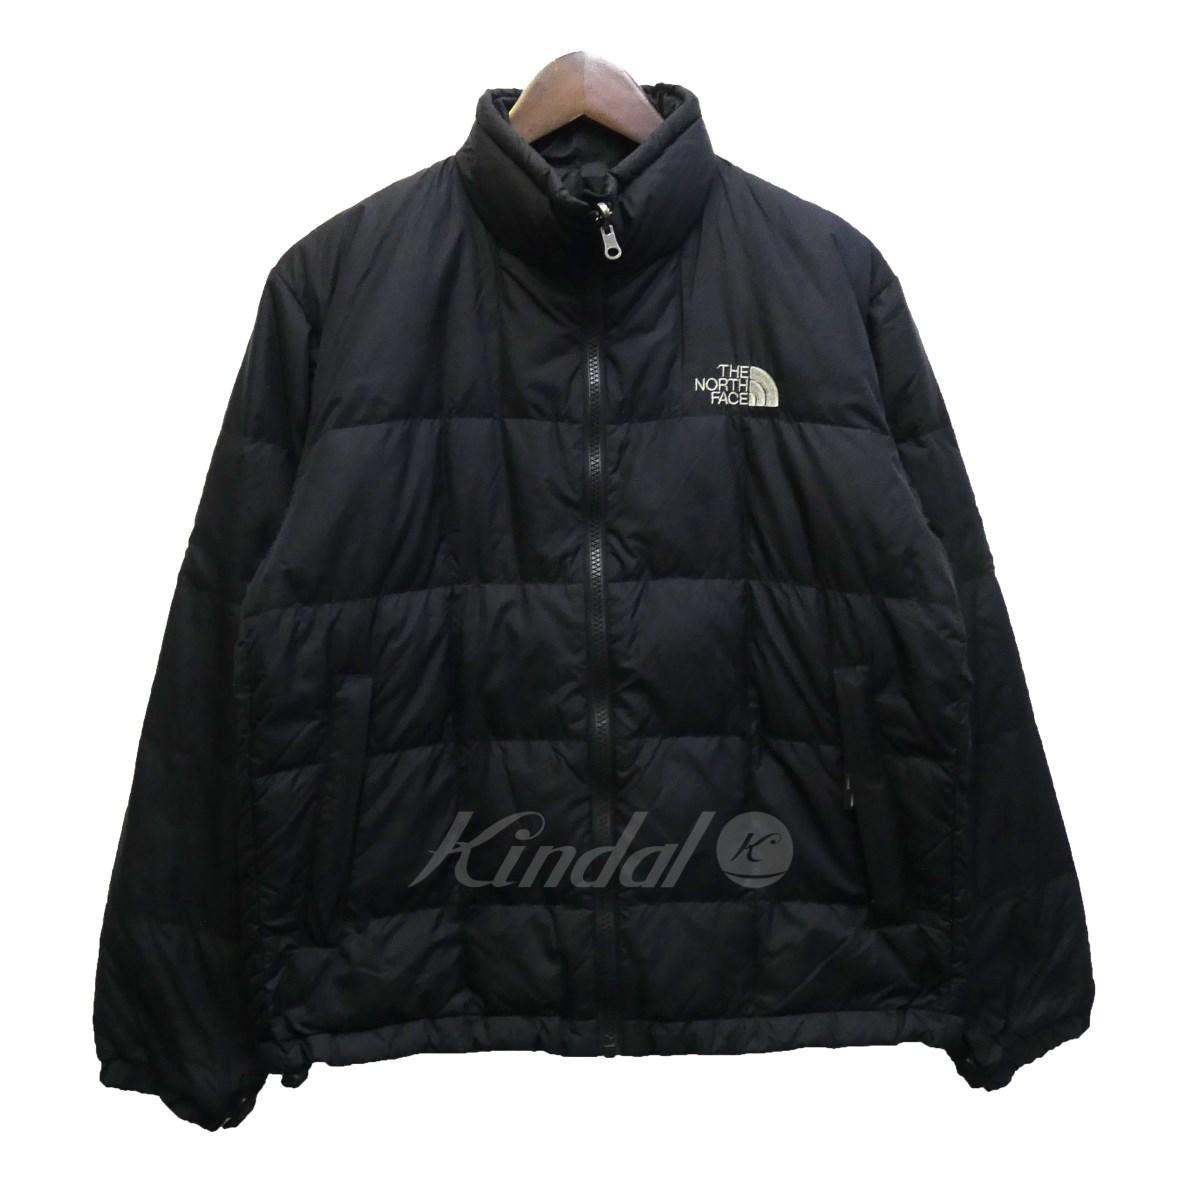 【中古】THE NORTH FACE「BELAYER JKT」 ND18001 ダウンジャケット ブラック サイズ:S 【6月11日見直し】